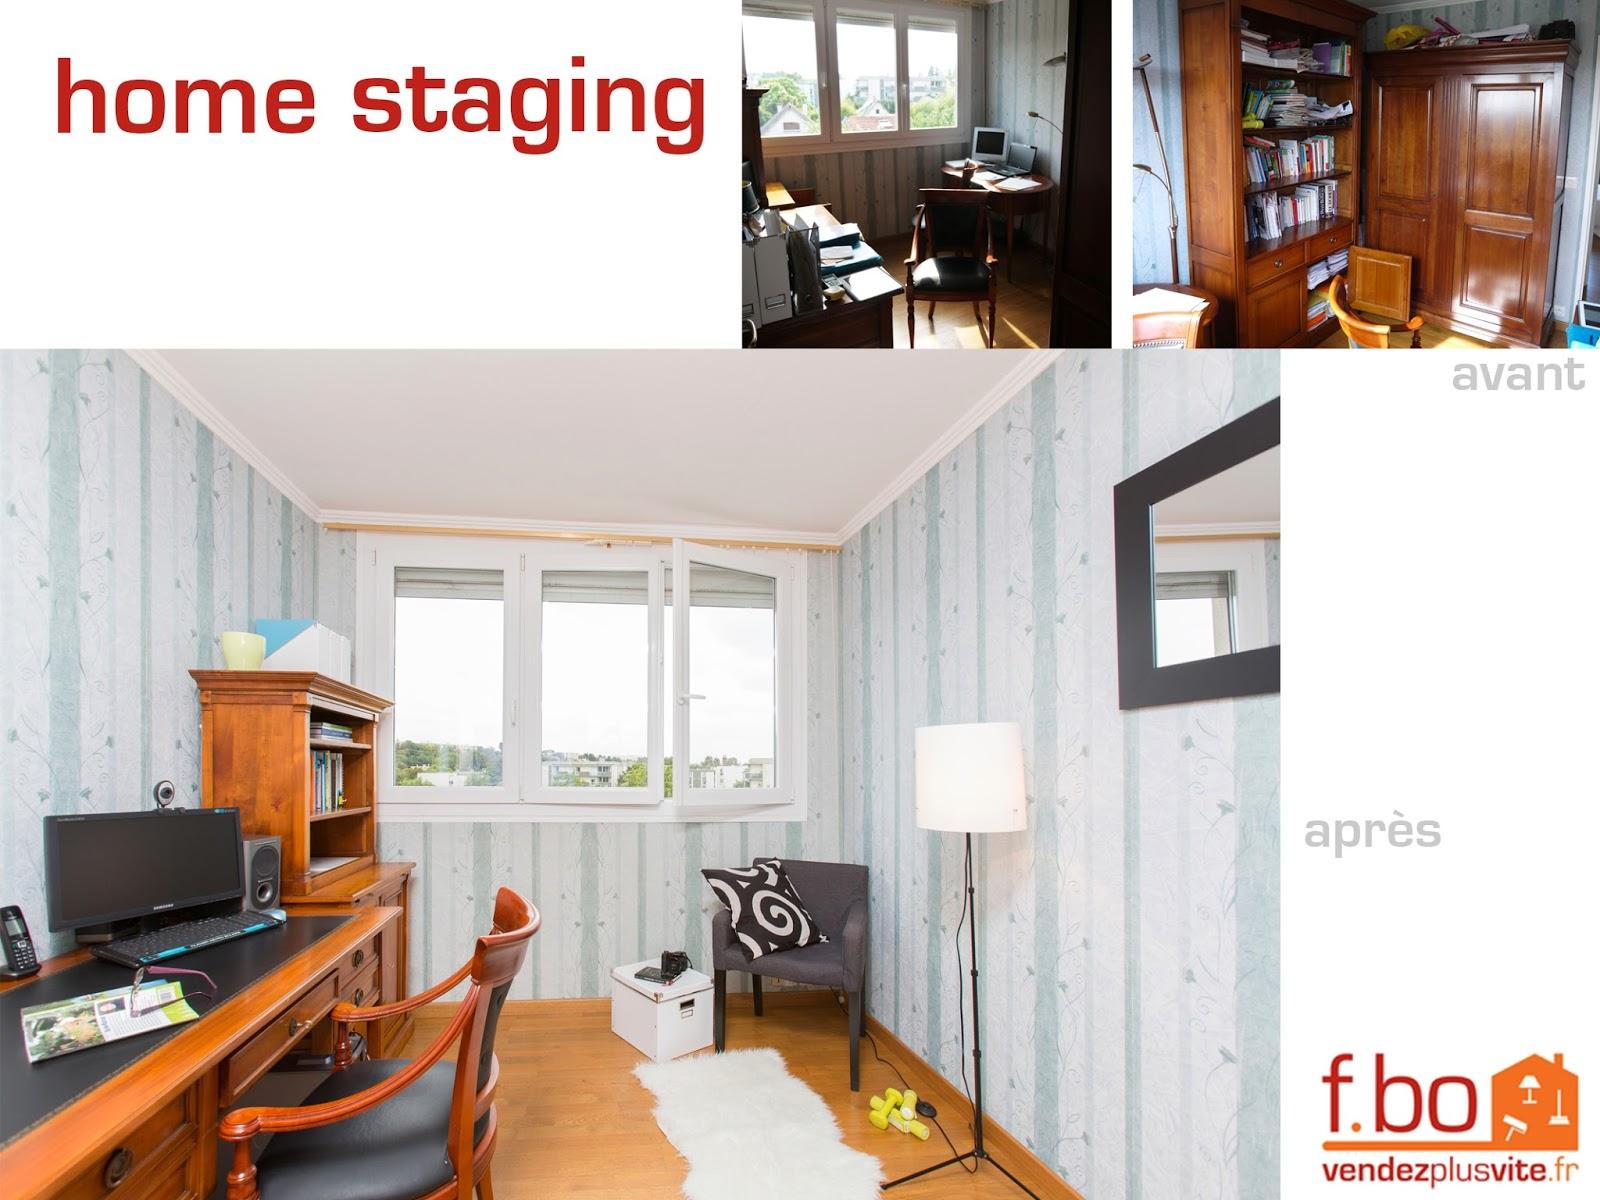 Vendez Plus Vite Votre Bien Des Photos De Home Staging